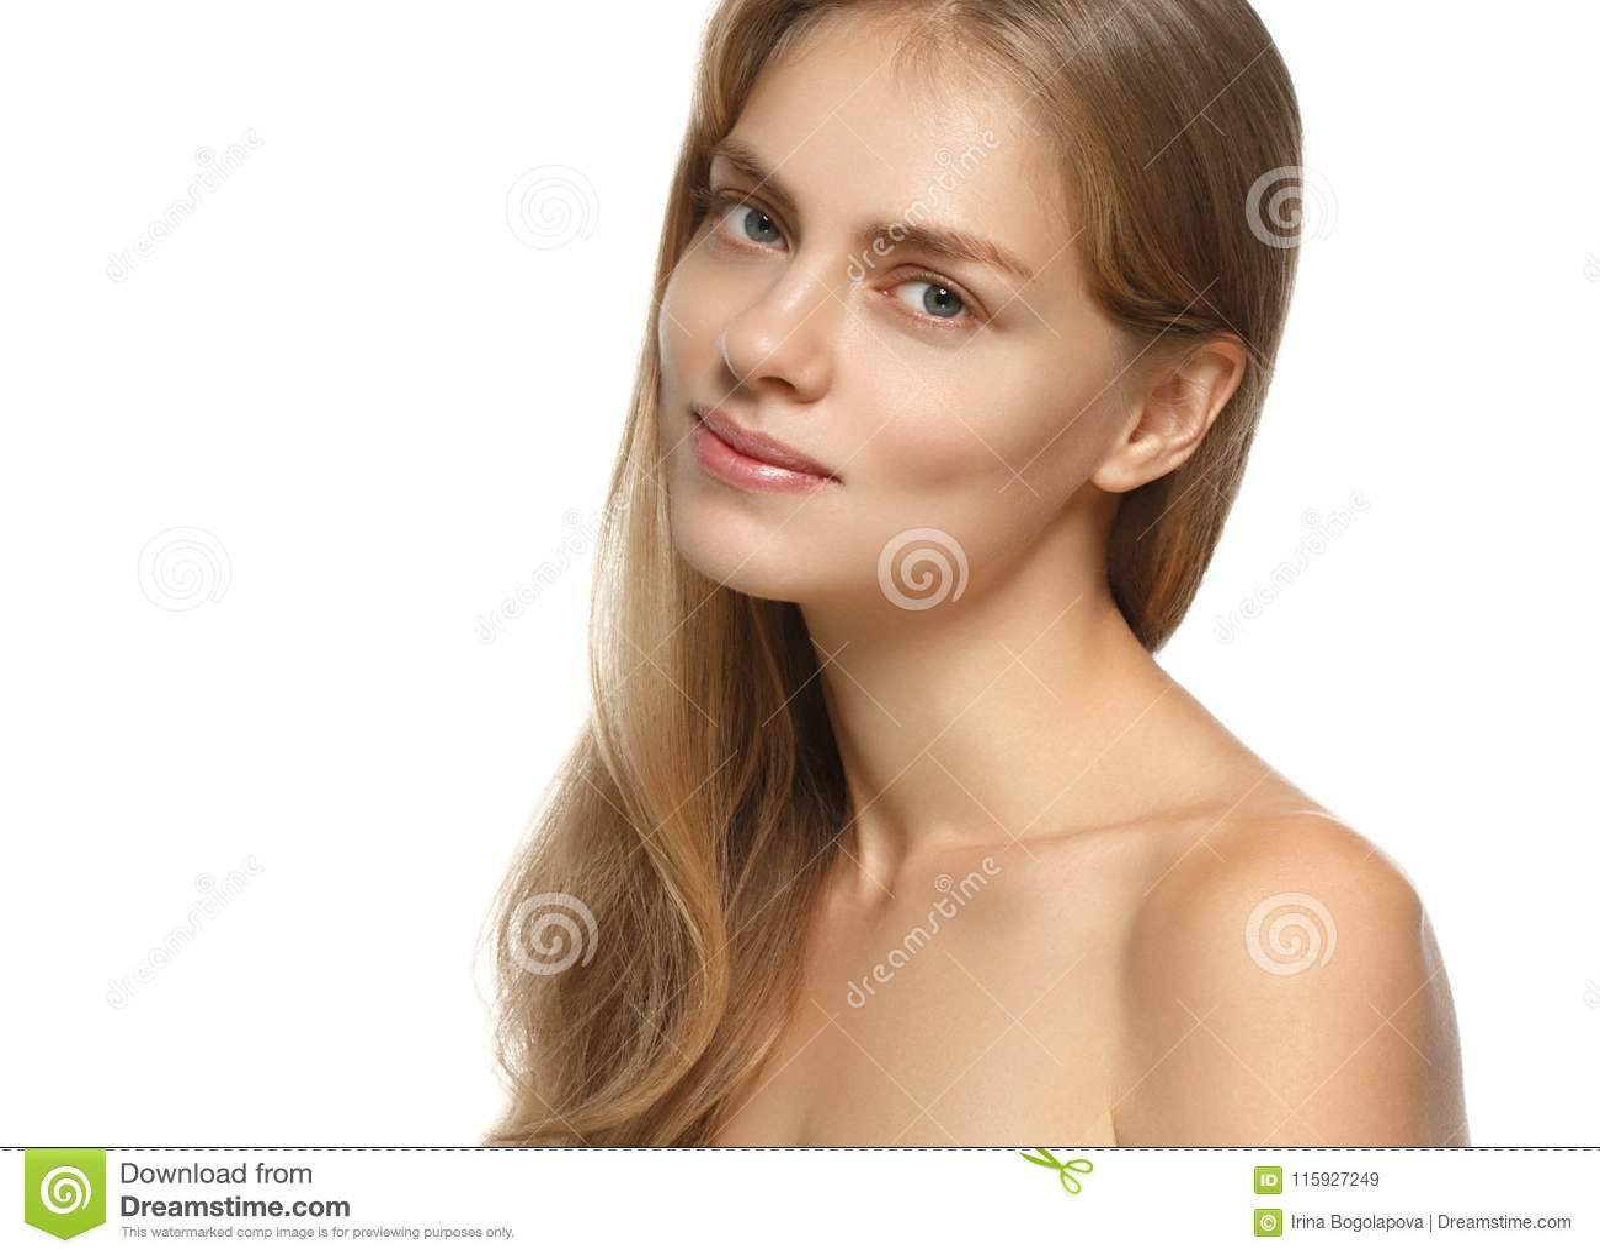 Πορτρέτο προσώπου γυναικών ομορφιάς Όμορφο πρότυπο κορίτσι με τέλειο FR